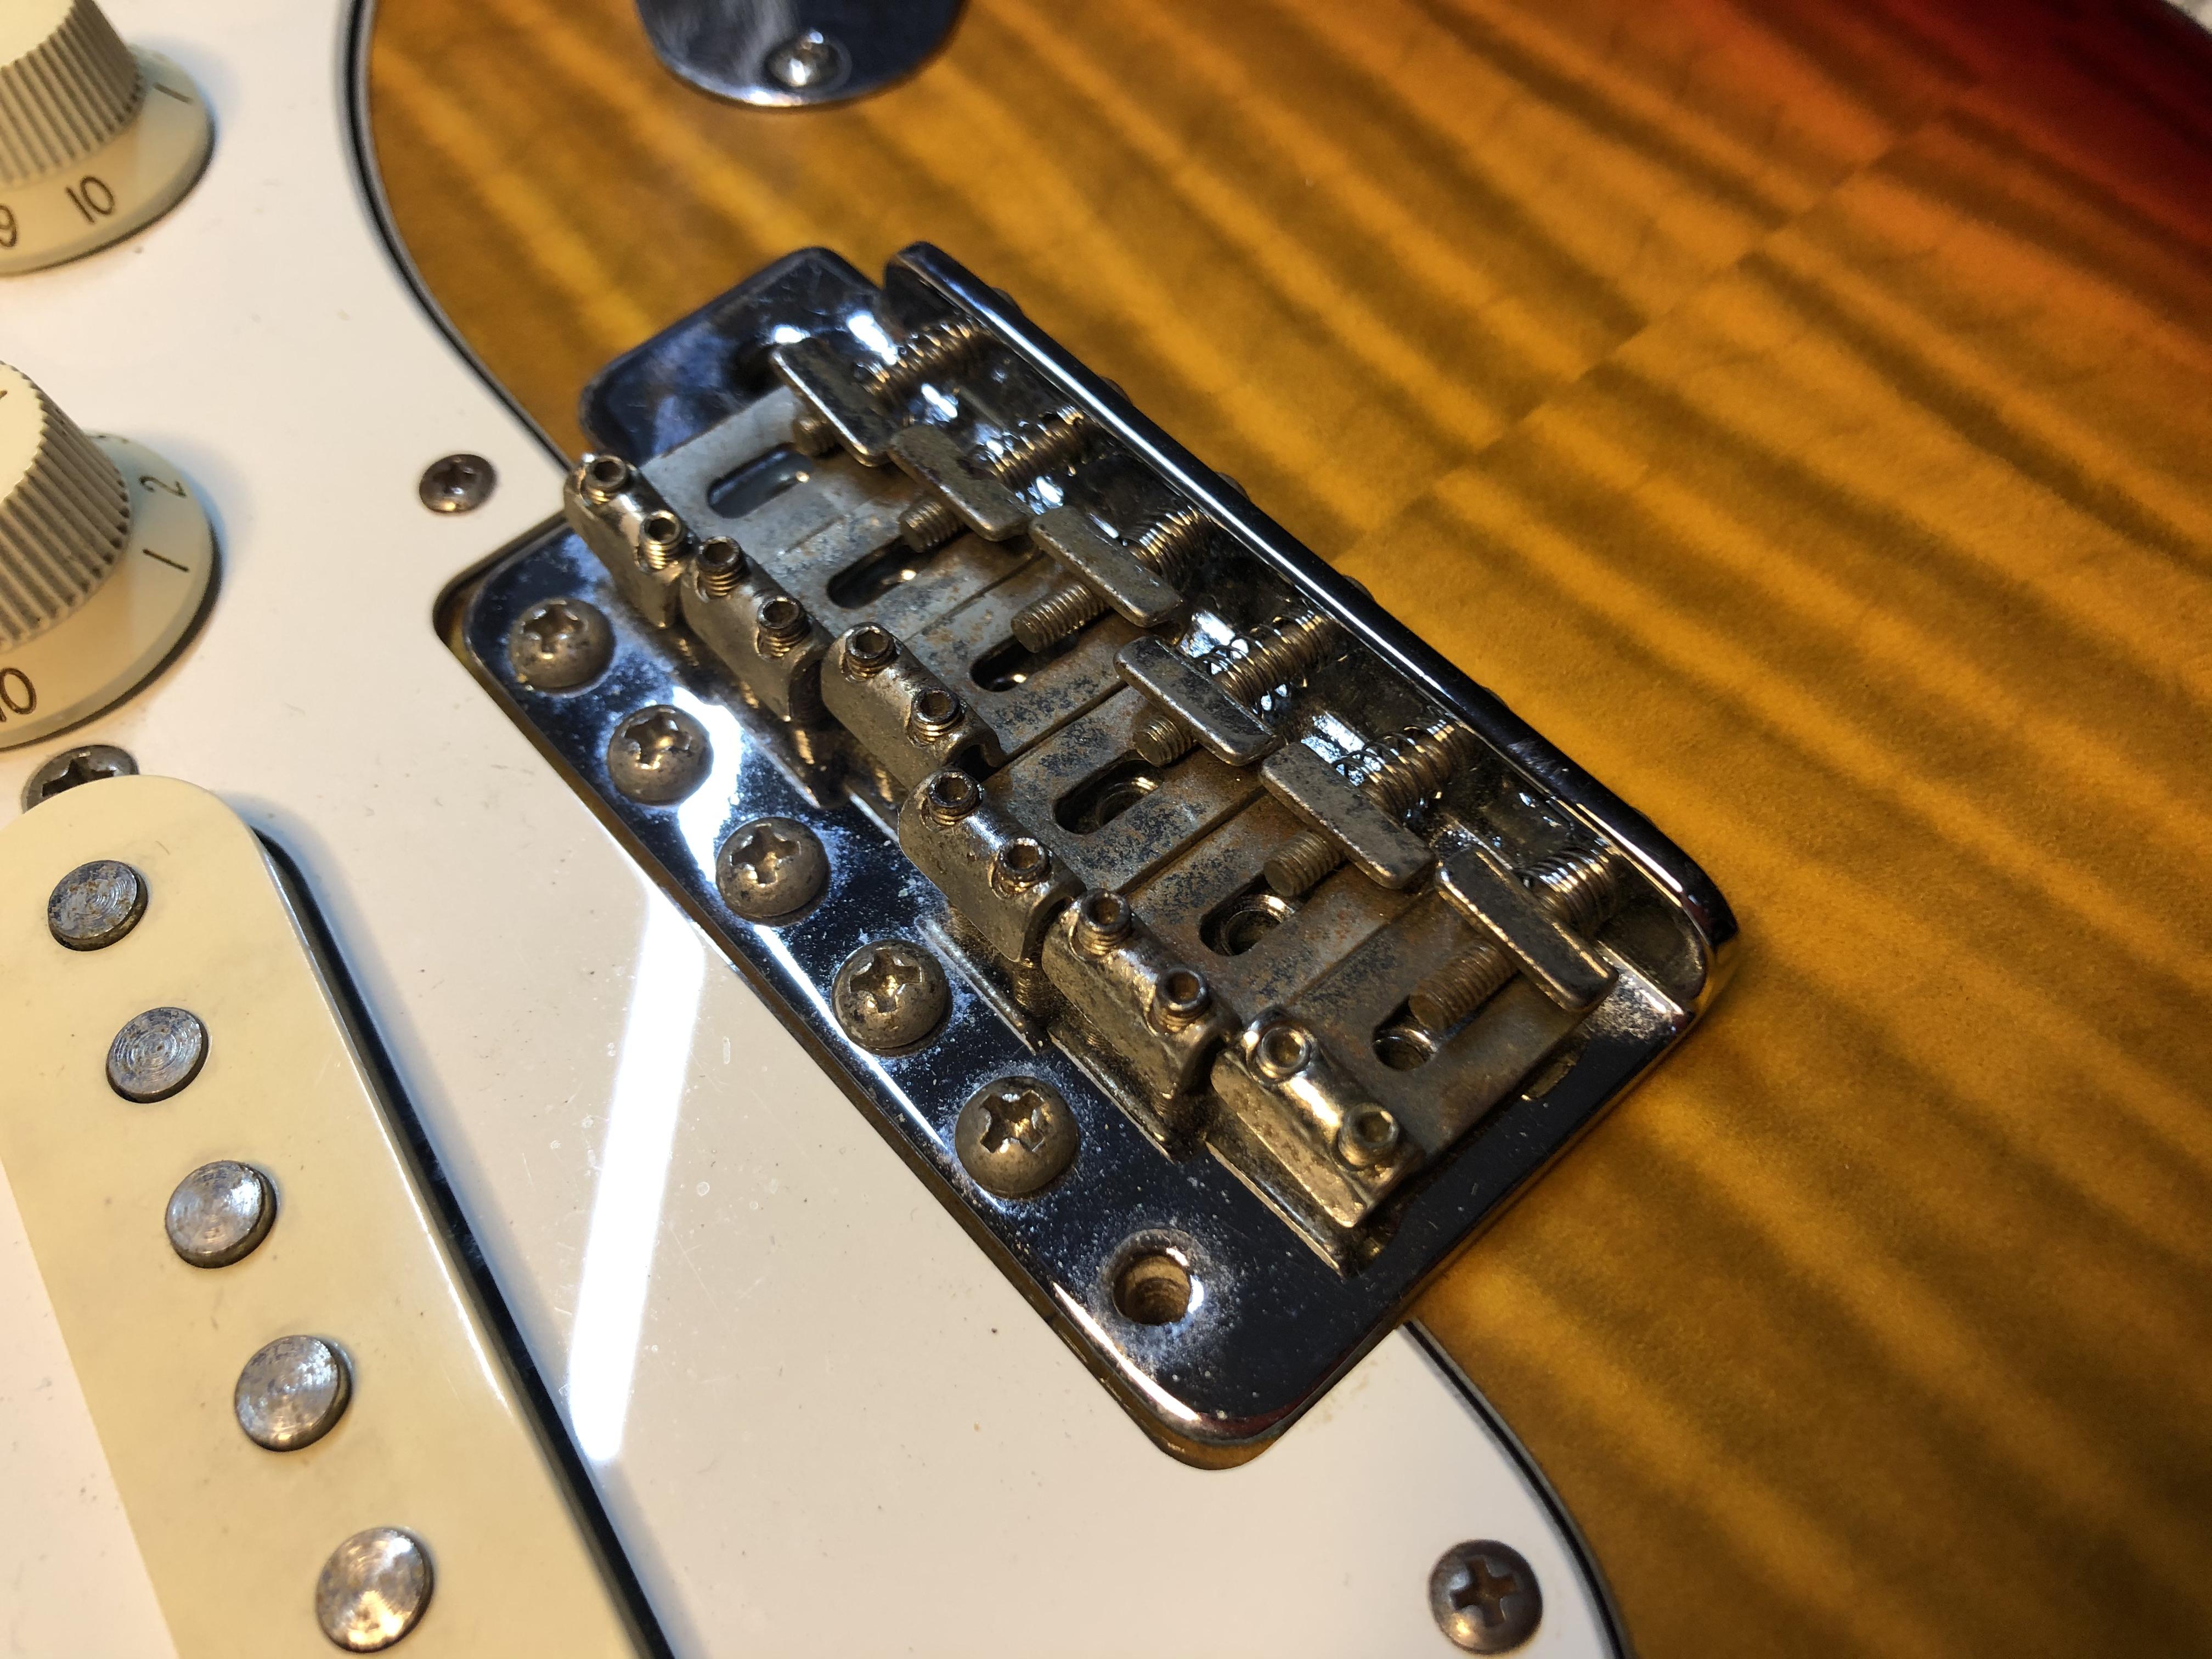 Setup on Fender Stratocaster